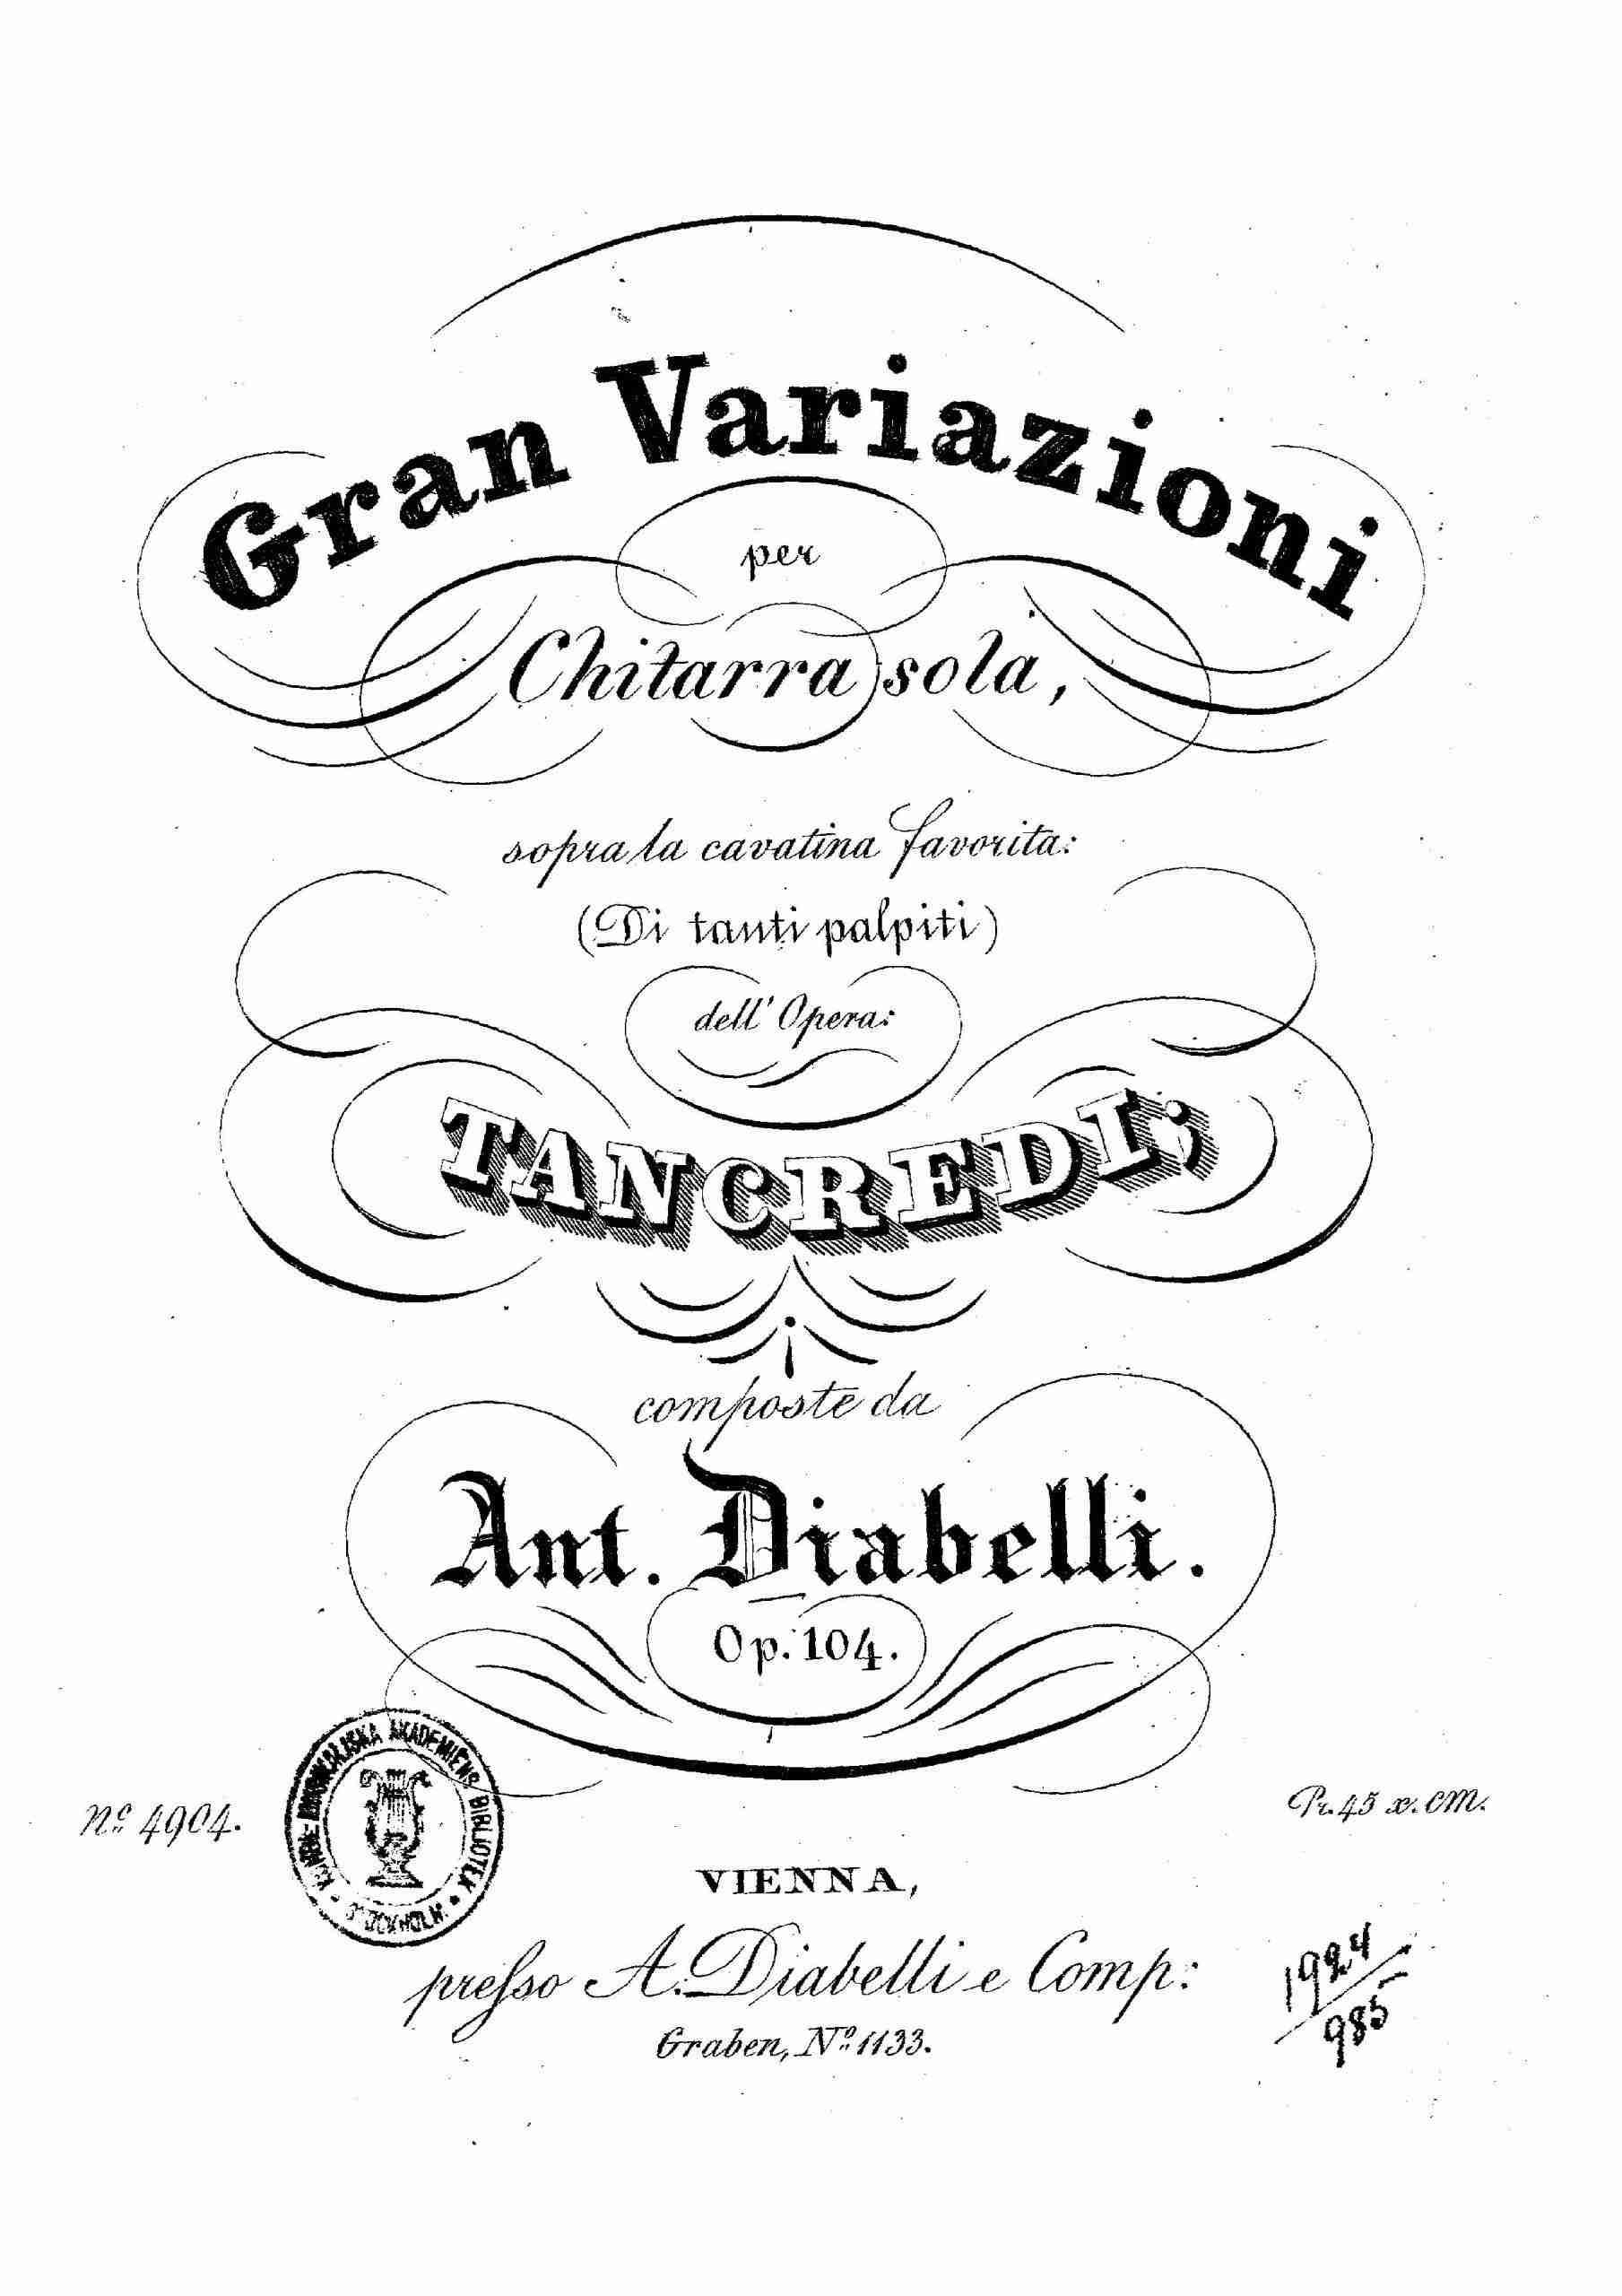 Diabelli, Anton - Variazioni sopra la cavatina dell' Opera Tancredi, Op.104